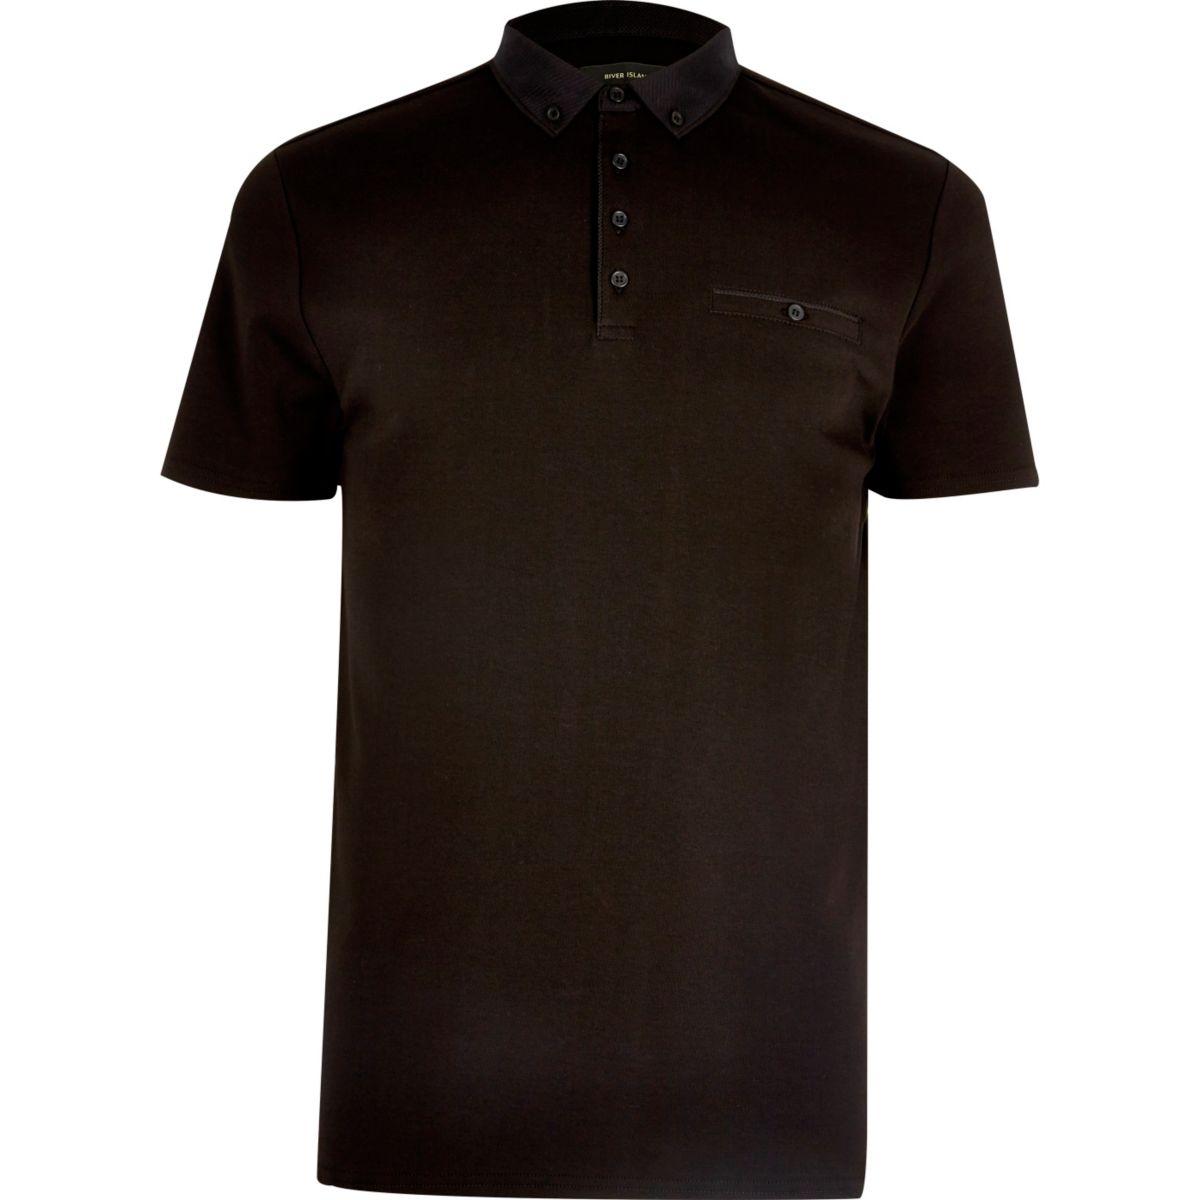 Schwarzes Poloshirt mit Brusttasche